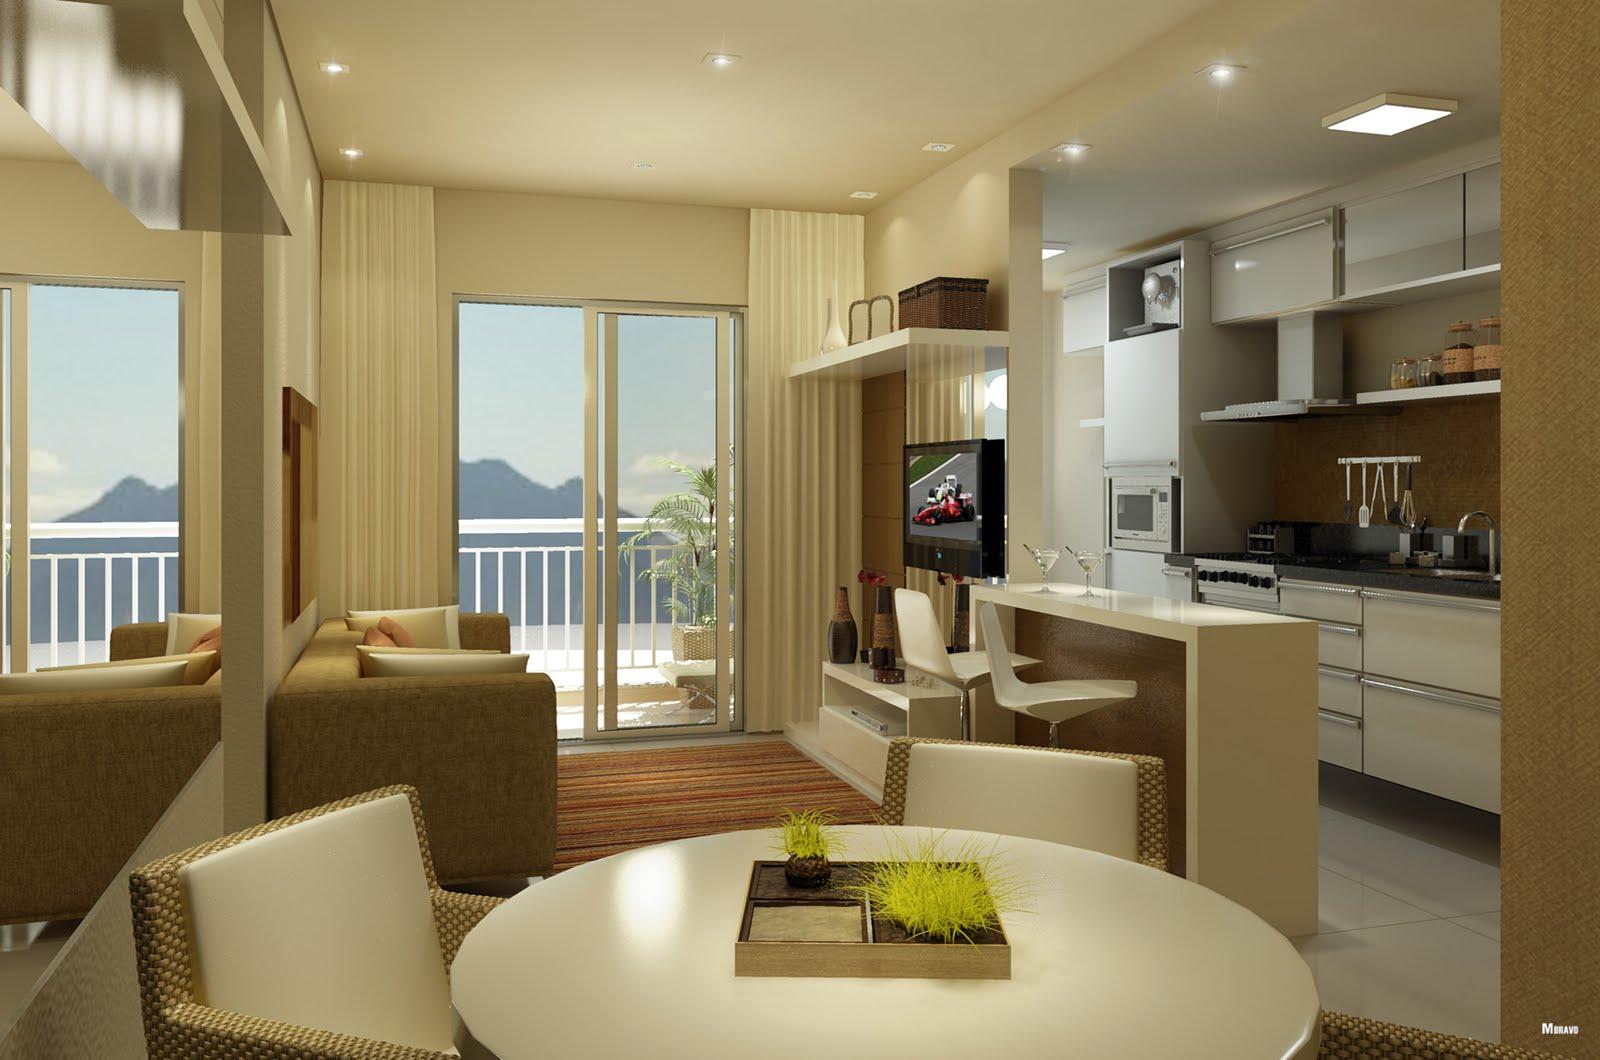 Como decorar apartamento pequeno tire duvidas aqui - Ideas para decorar pisos pequenos ...